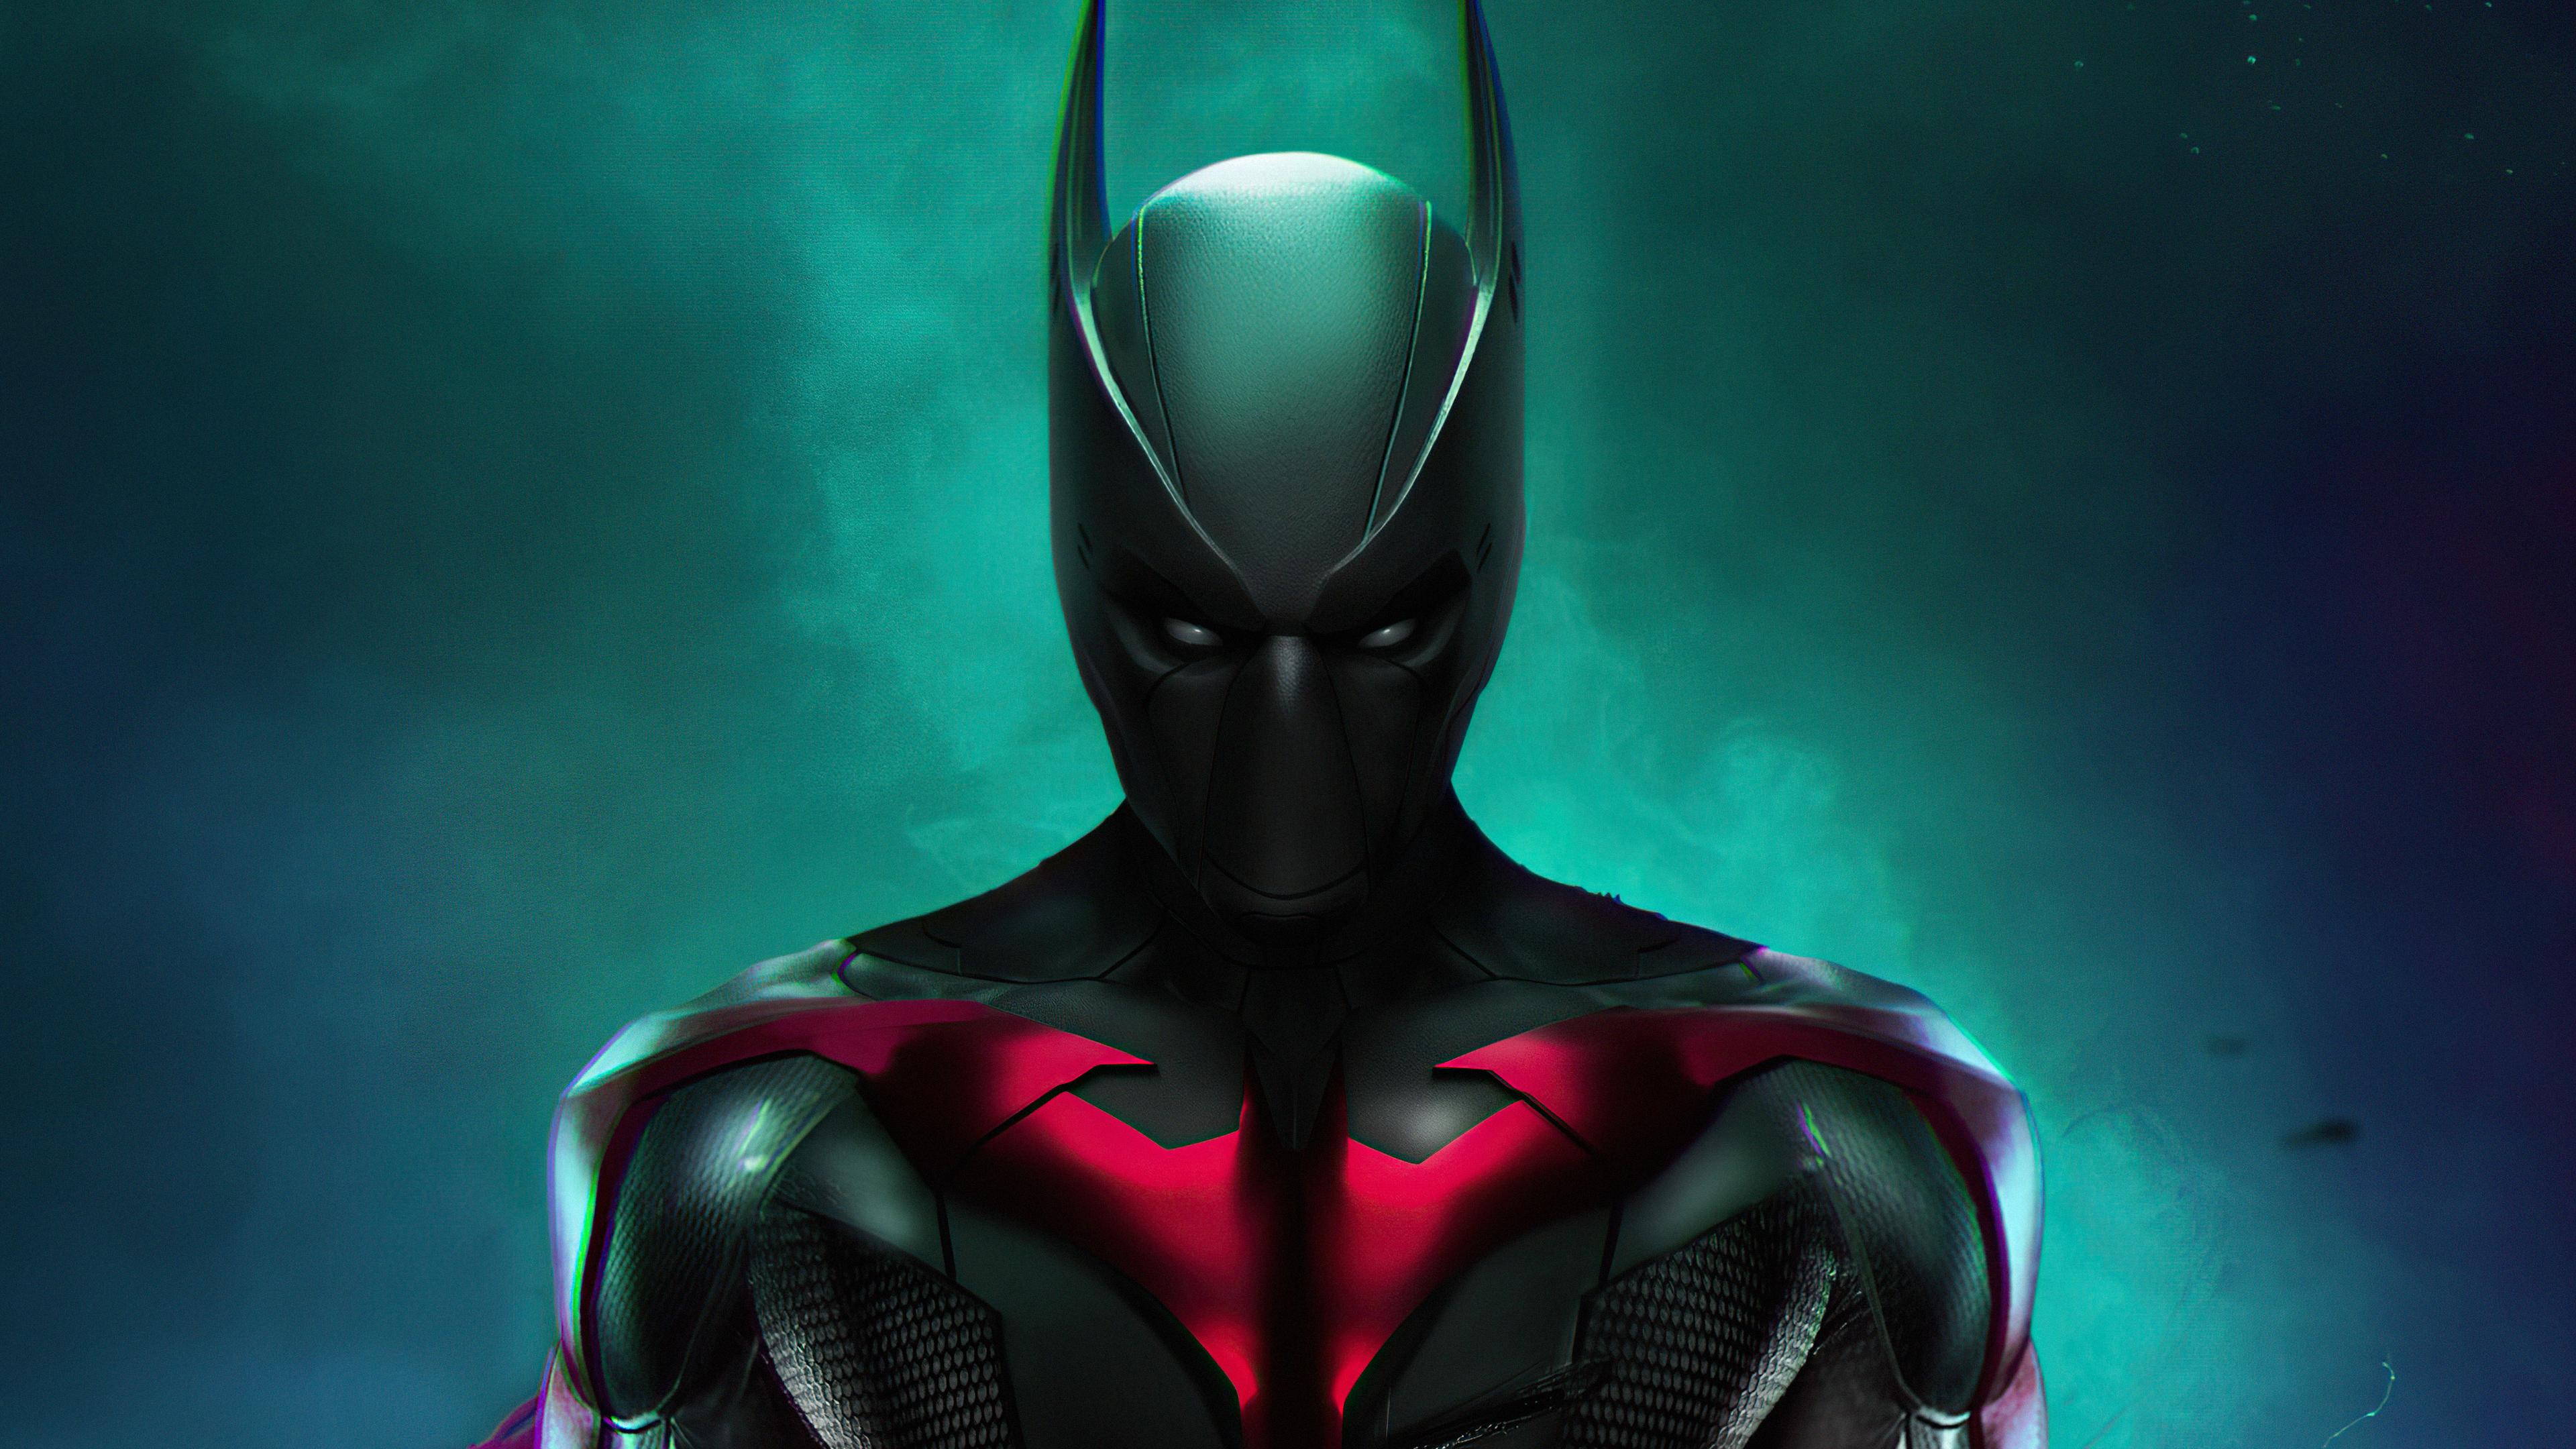 Wallpaper Stranger Batman Beyond